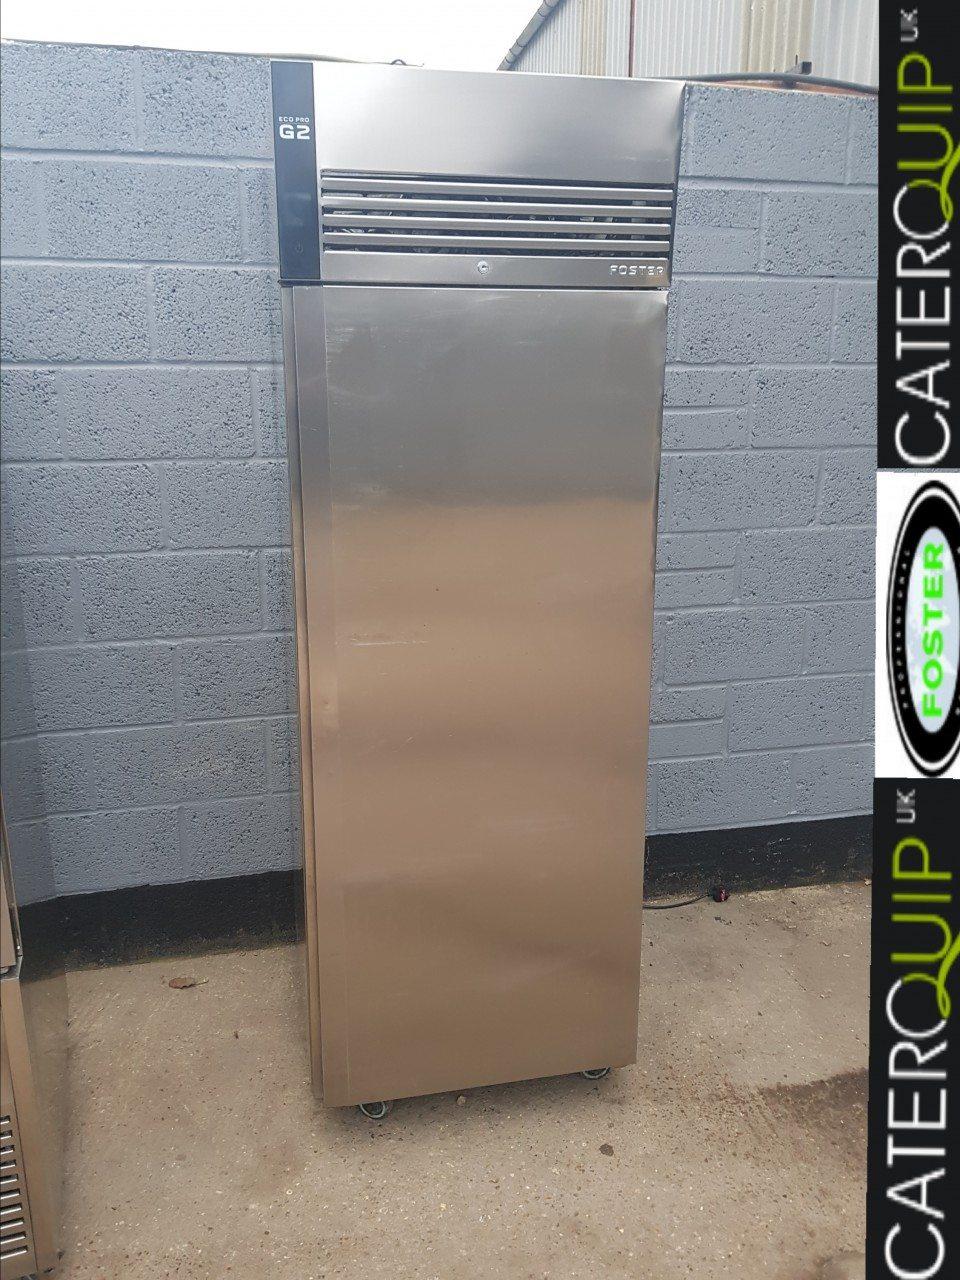 FOSTER G2 Single Door Upright 600 Litre Freezer